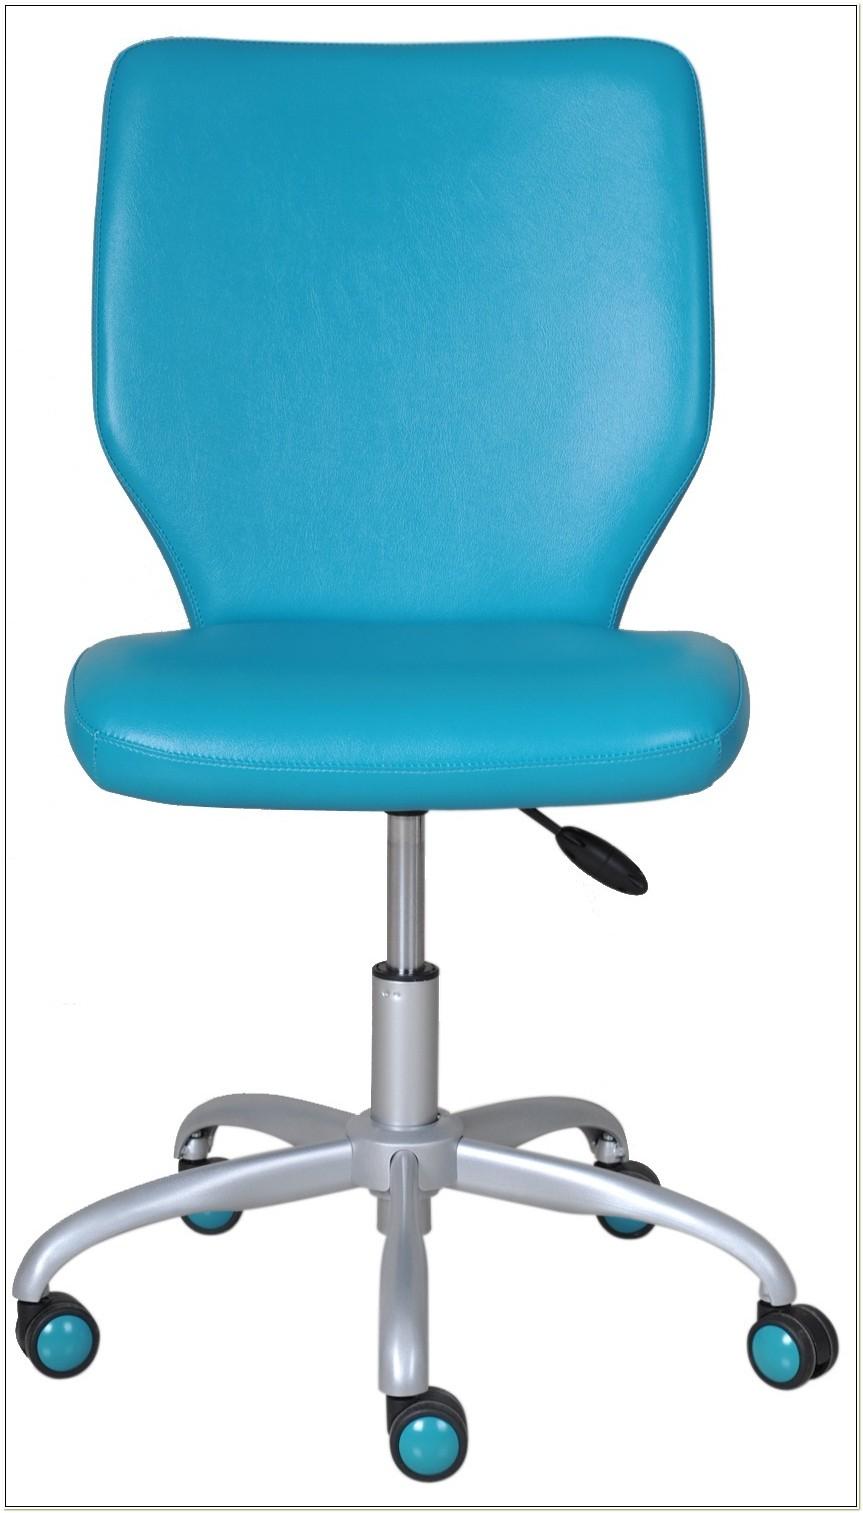 Mainstays Desk Chair Multiple Colors Blue